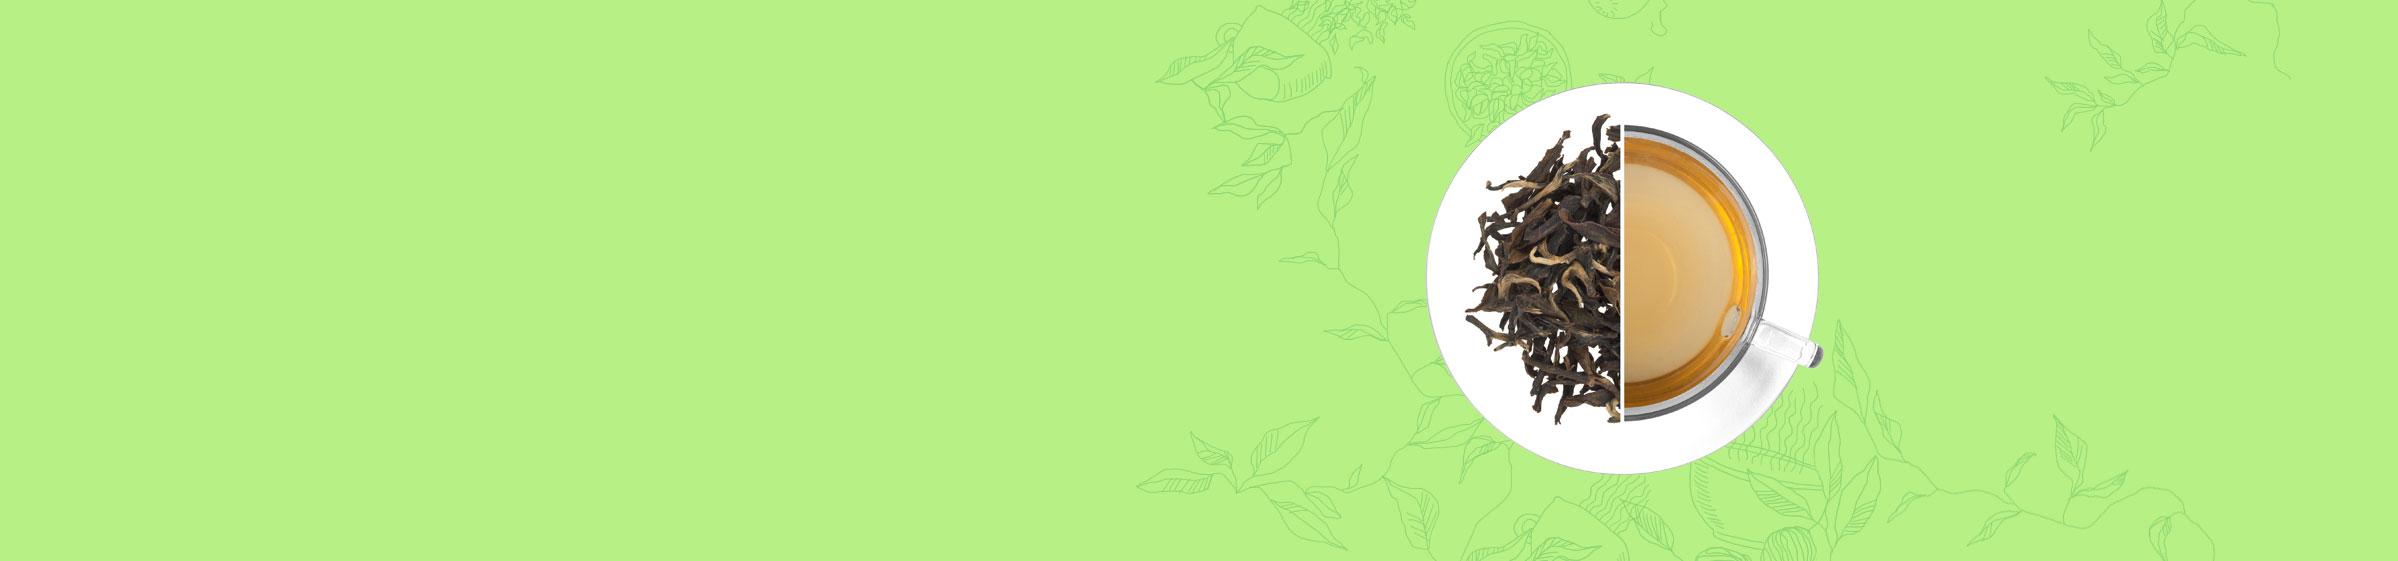 OXALIS - To nejlepší z čaje a kávy - Oxalis eshop 79f561c235